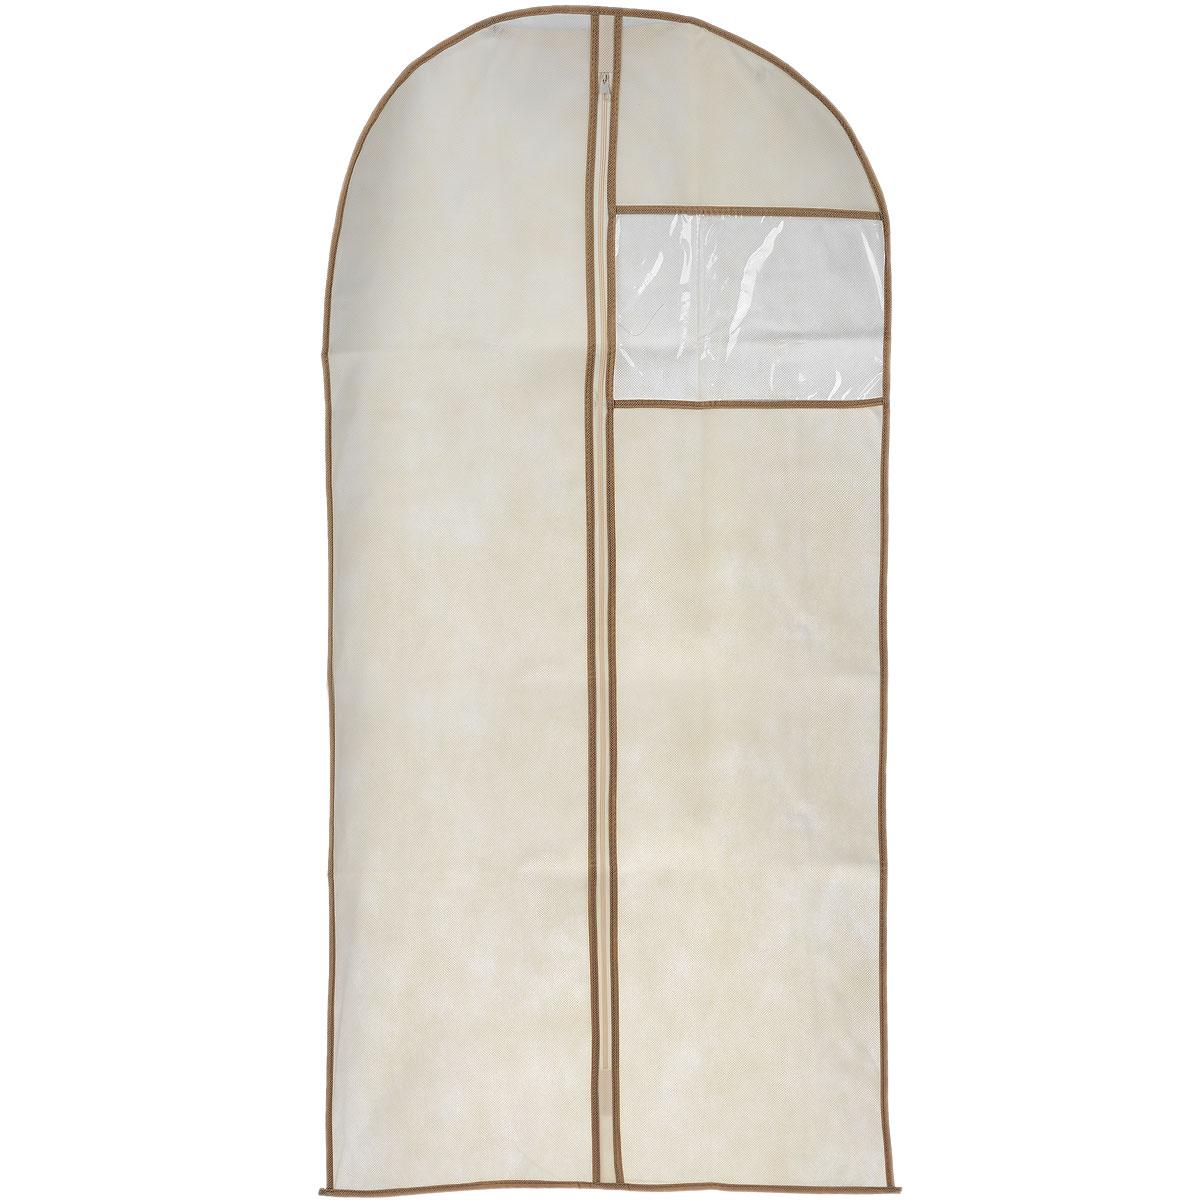 Чехол для пальто Cosatto, цвет: бежевый, 137 х 60 смCOVLCAT010 бежевыйЧехол для пальто Cosatto изготовлен из дышащего нетканого материала (полипропилена), безопасного в использовании. Предназначен для хранения пальто и другой длинной верхней одежды. Имеет прозрачное окно, застежку-молнию и специальное отверстие для крючка вешалки. Материал можно протирать в случае загрязнения влажной тряпкой.